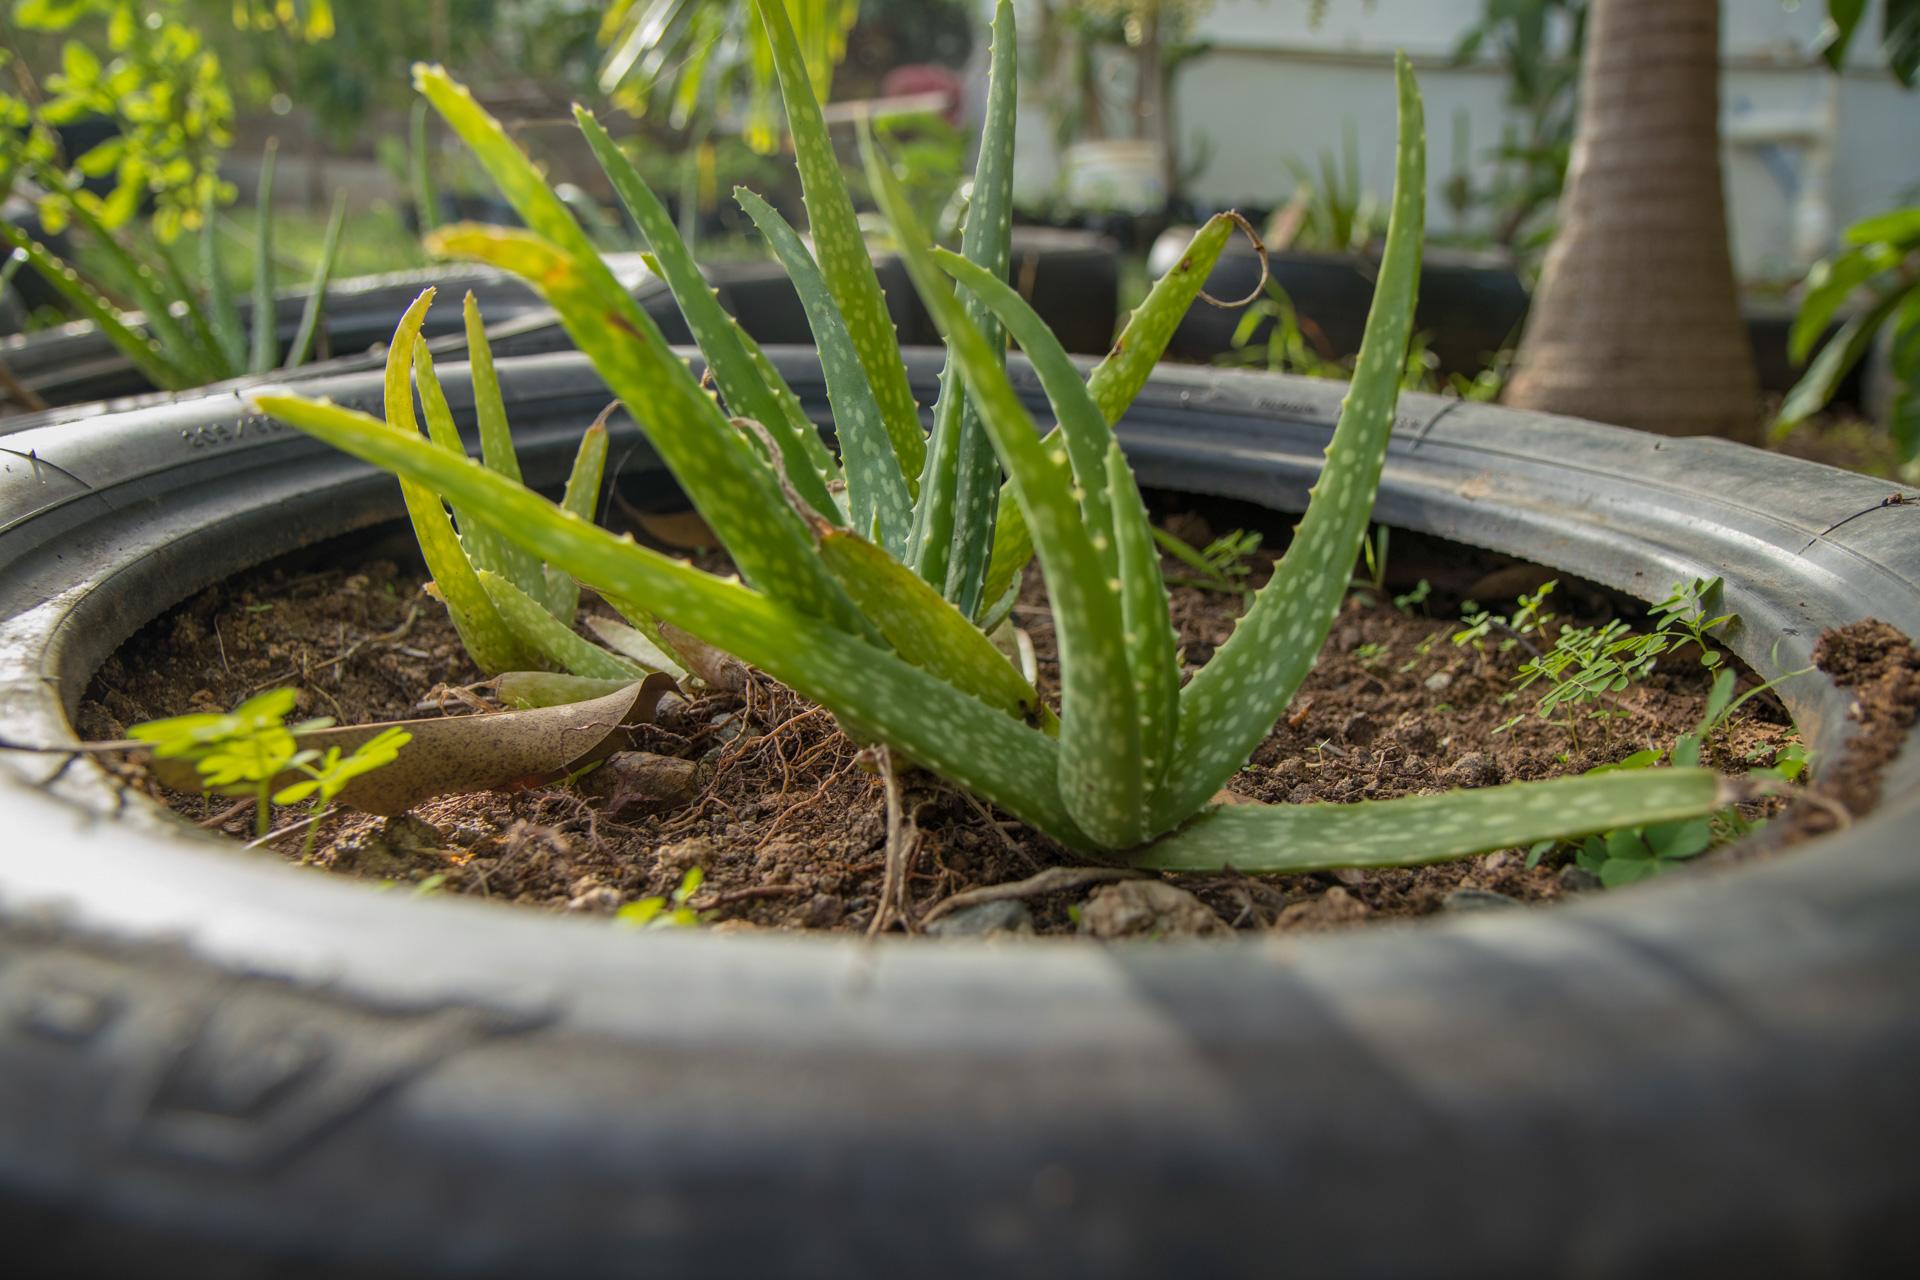 Aloe in a tyre